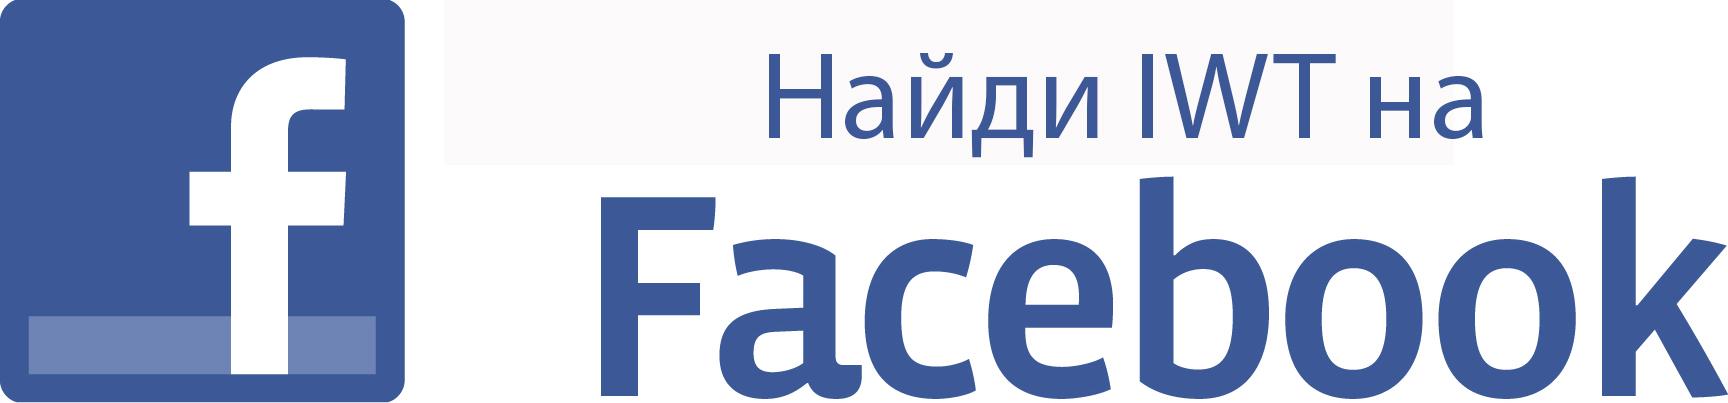 Найди IWT на Facebook и будь в курсе событий компании